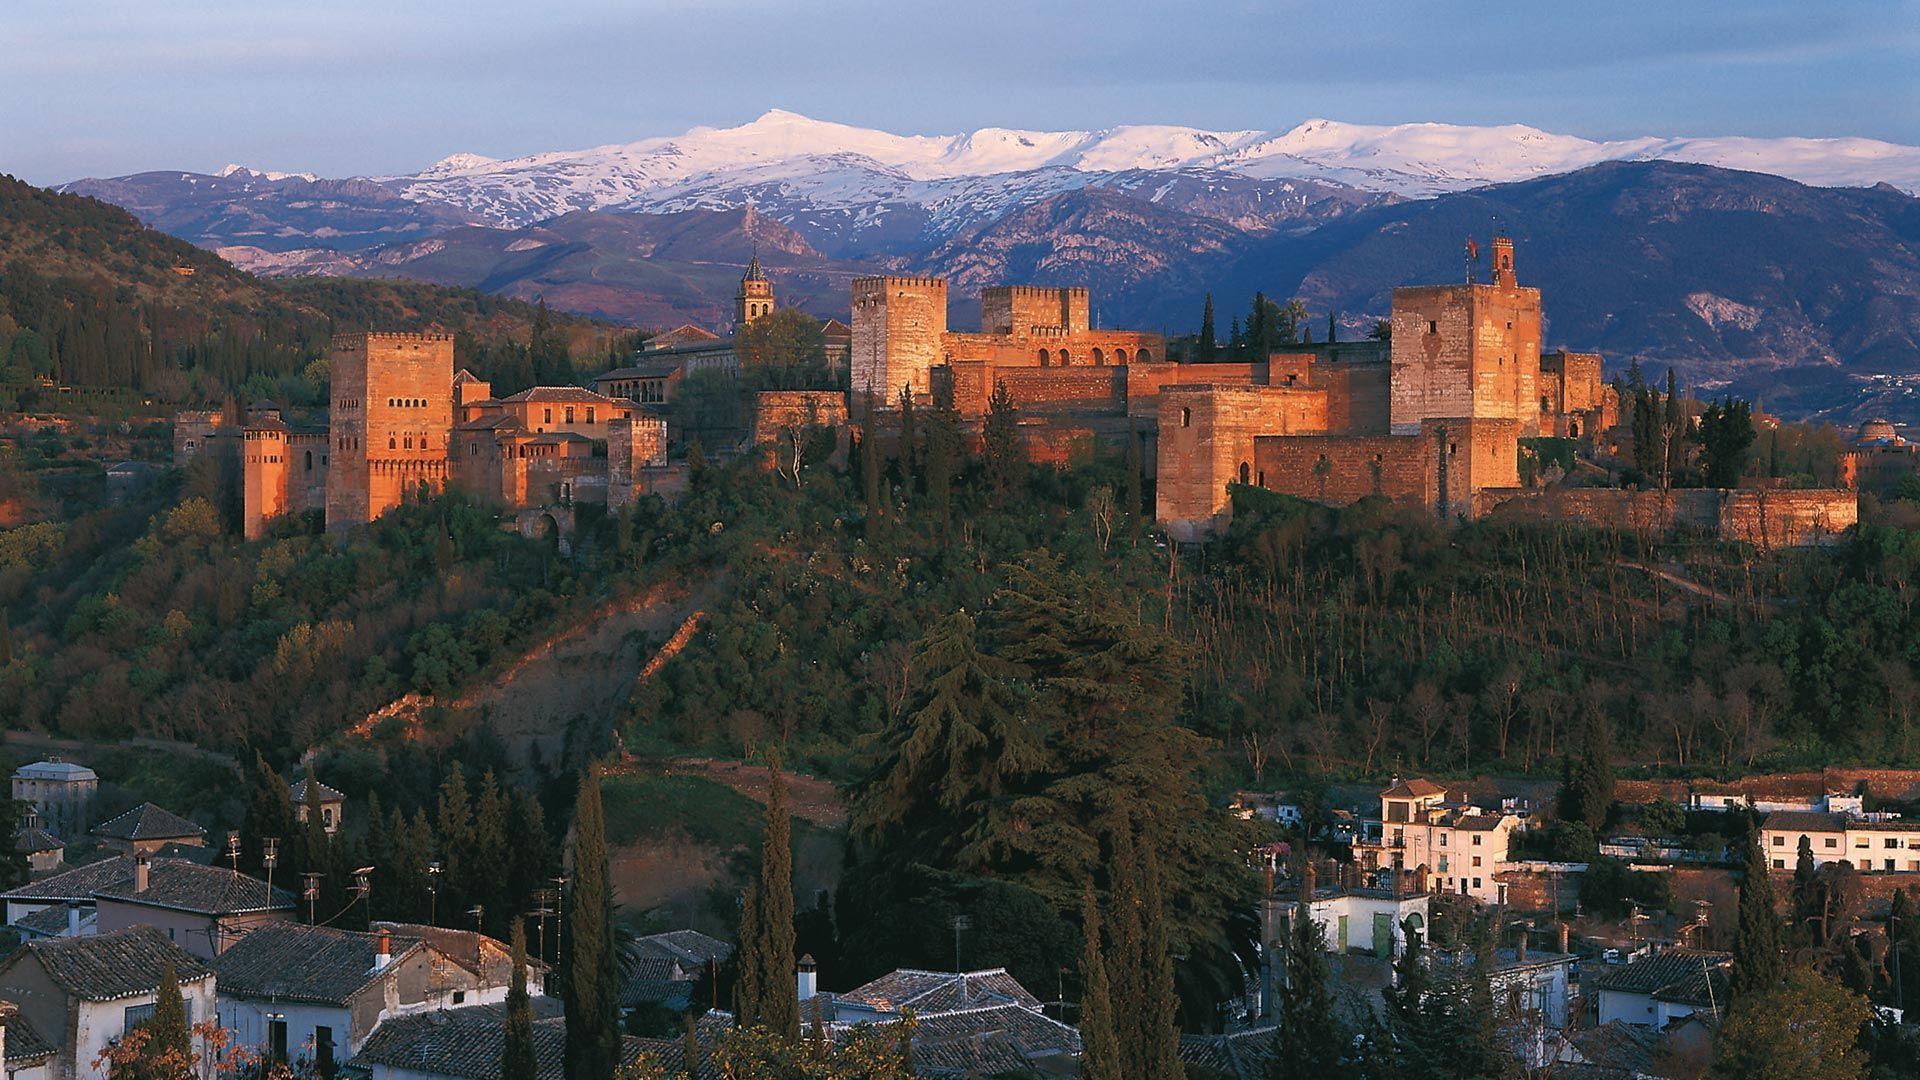 Chipset Granada